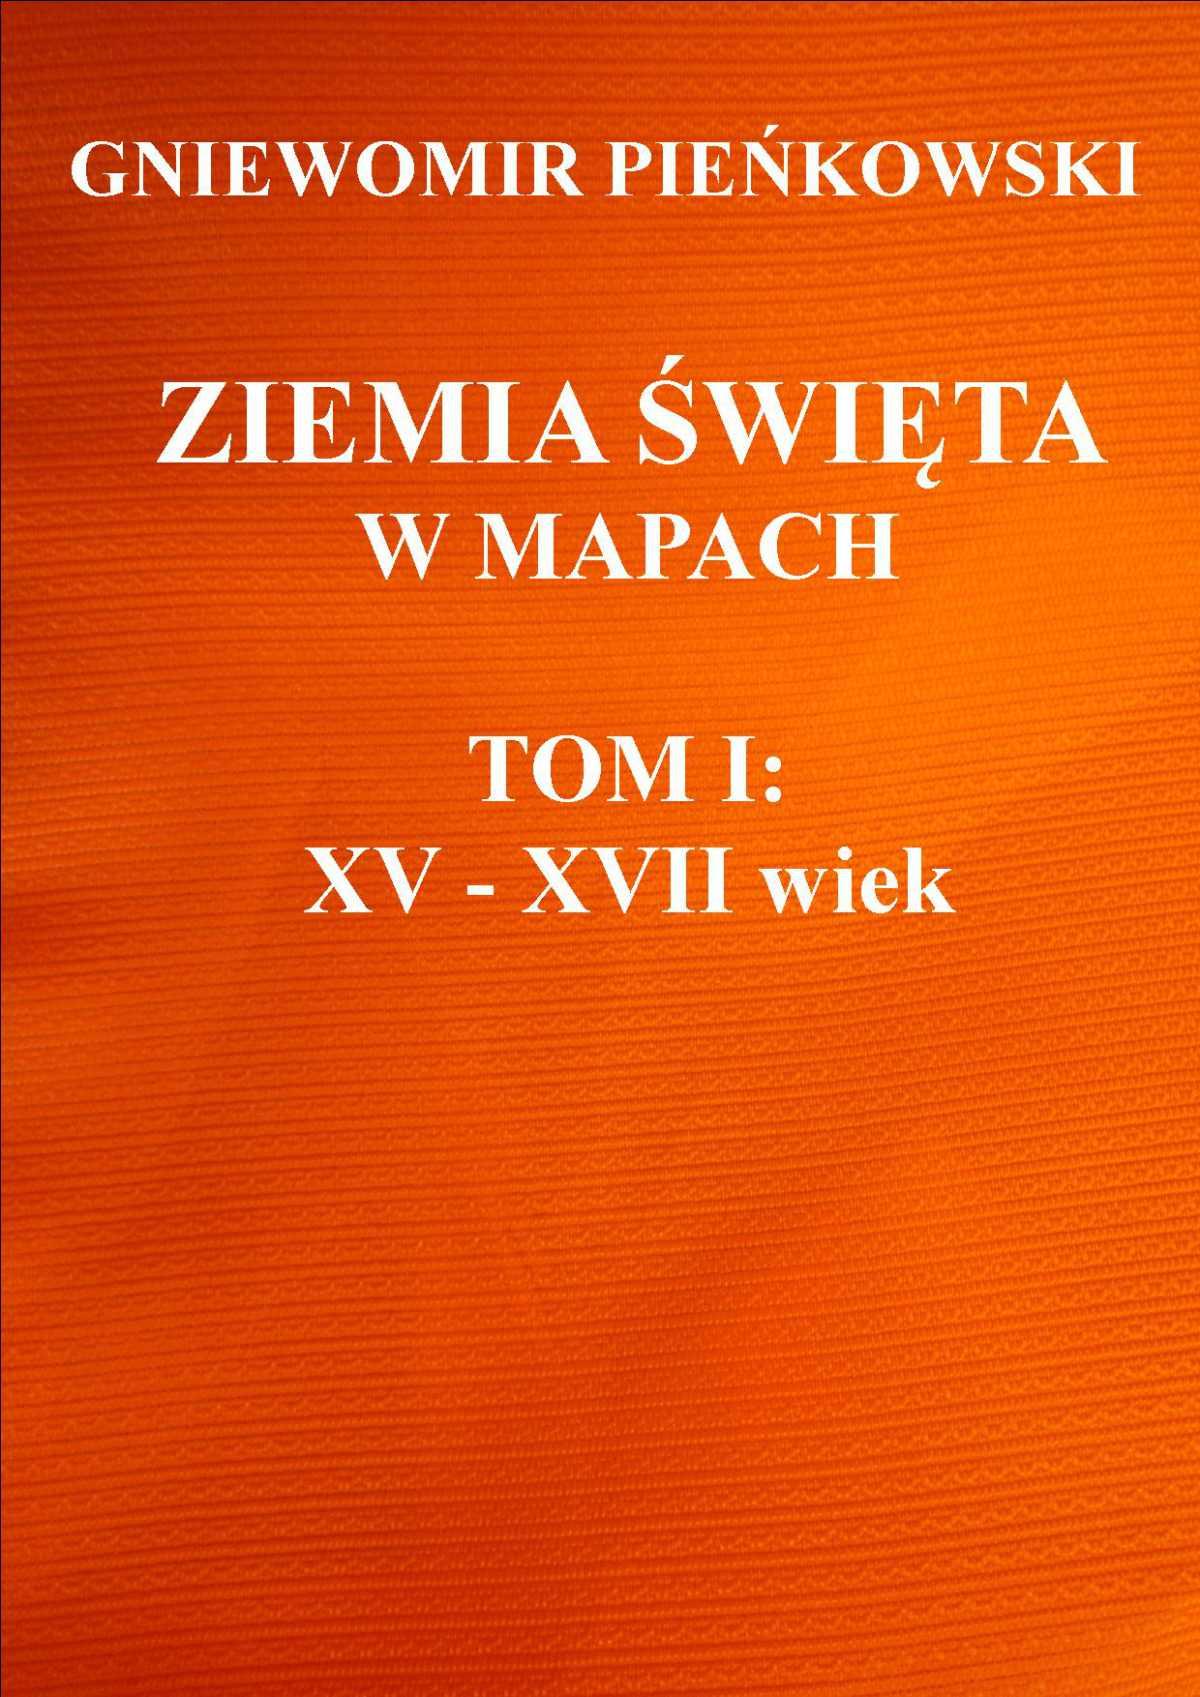 Ziemia Święta w mapach. Tom I: XV - XVII wiek - Ebook (Książka PDF) do pobrania w formacie PDF